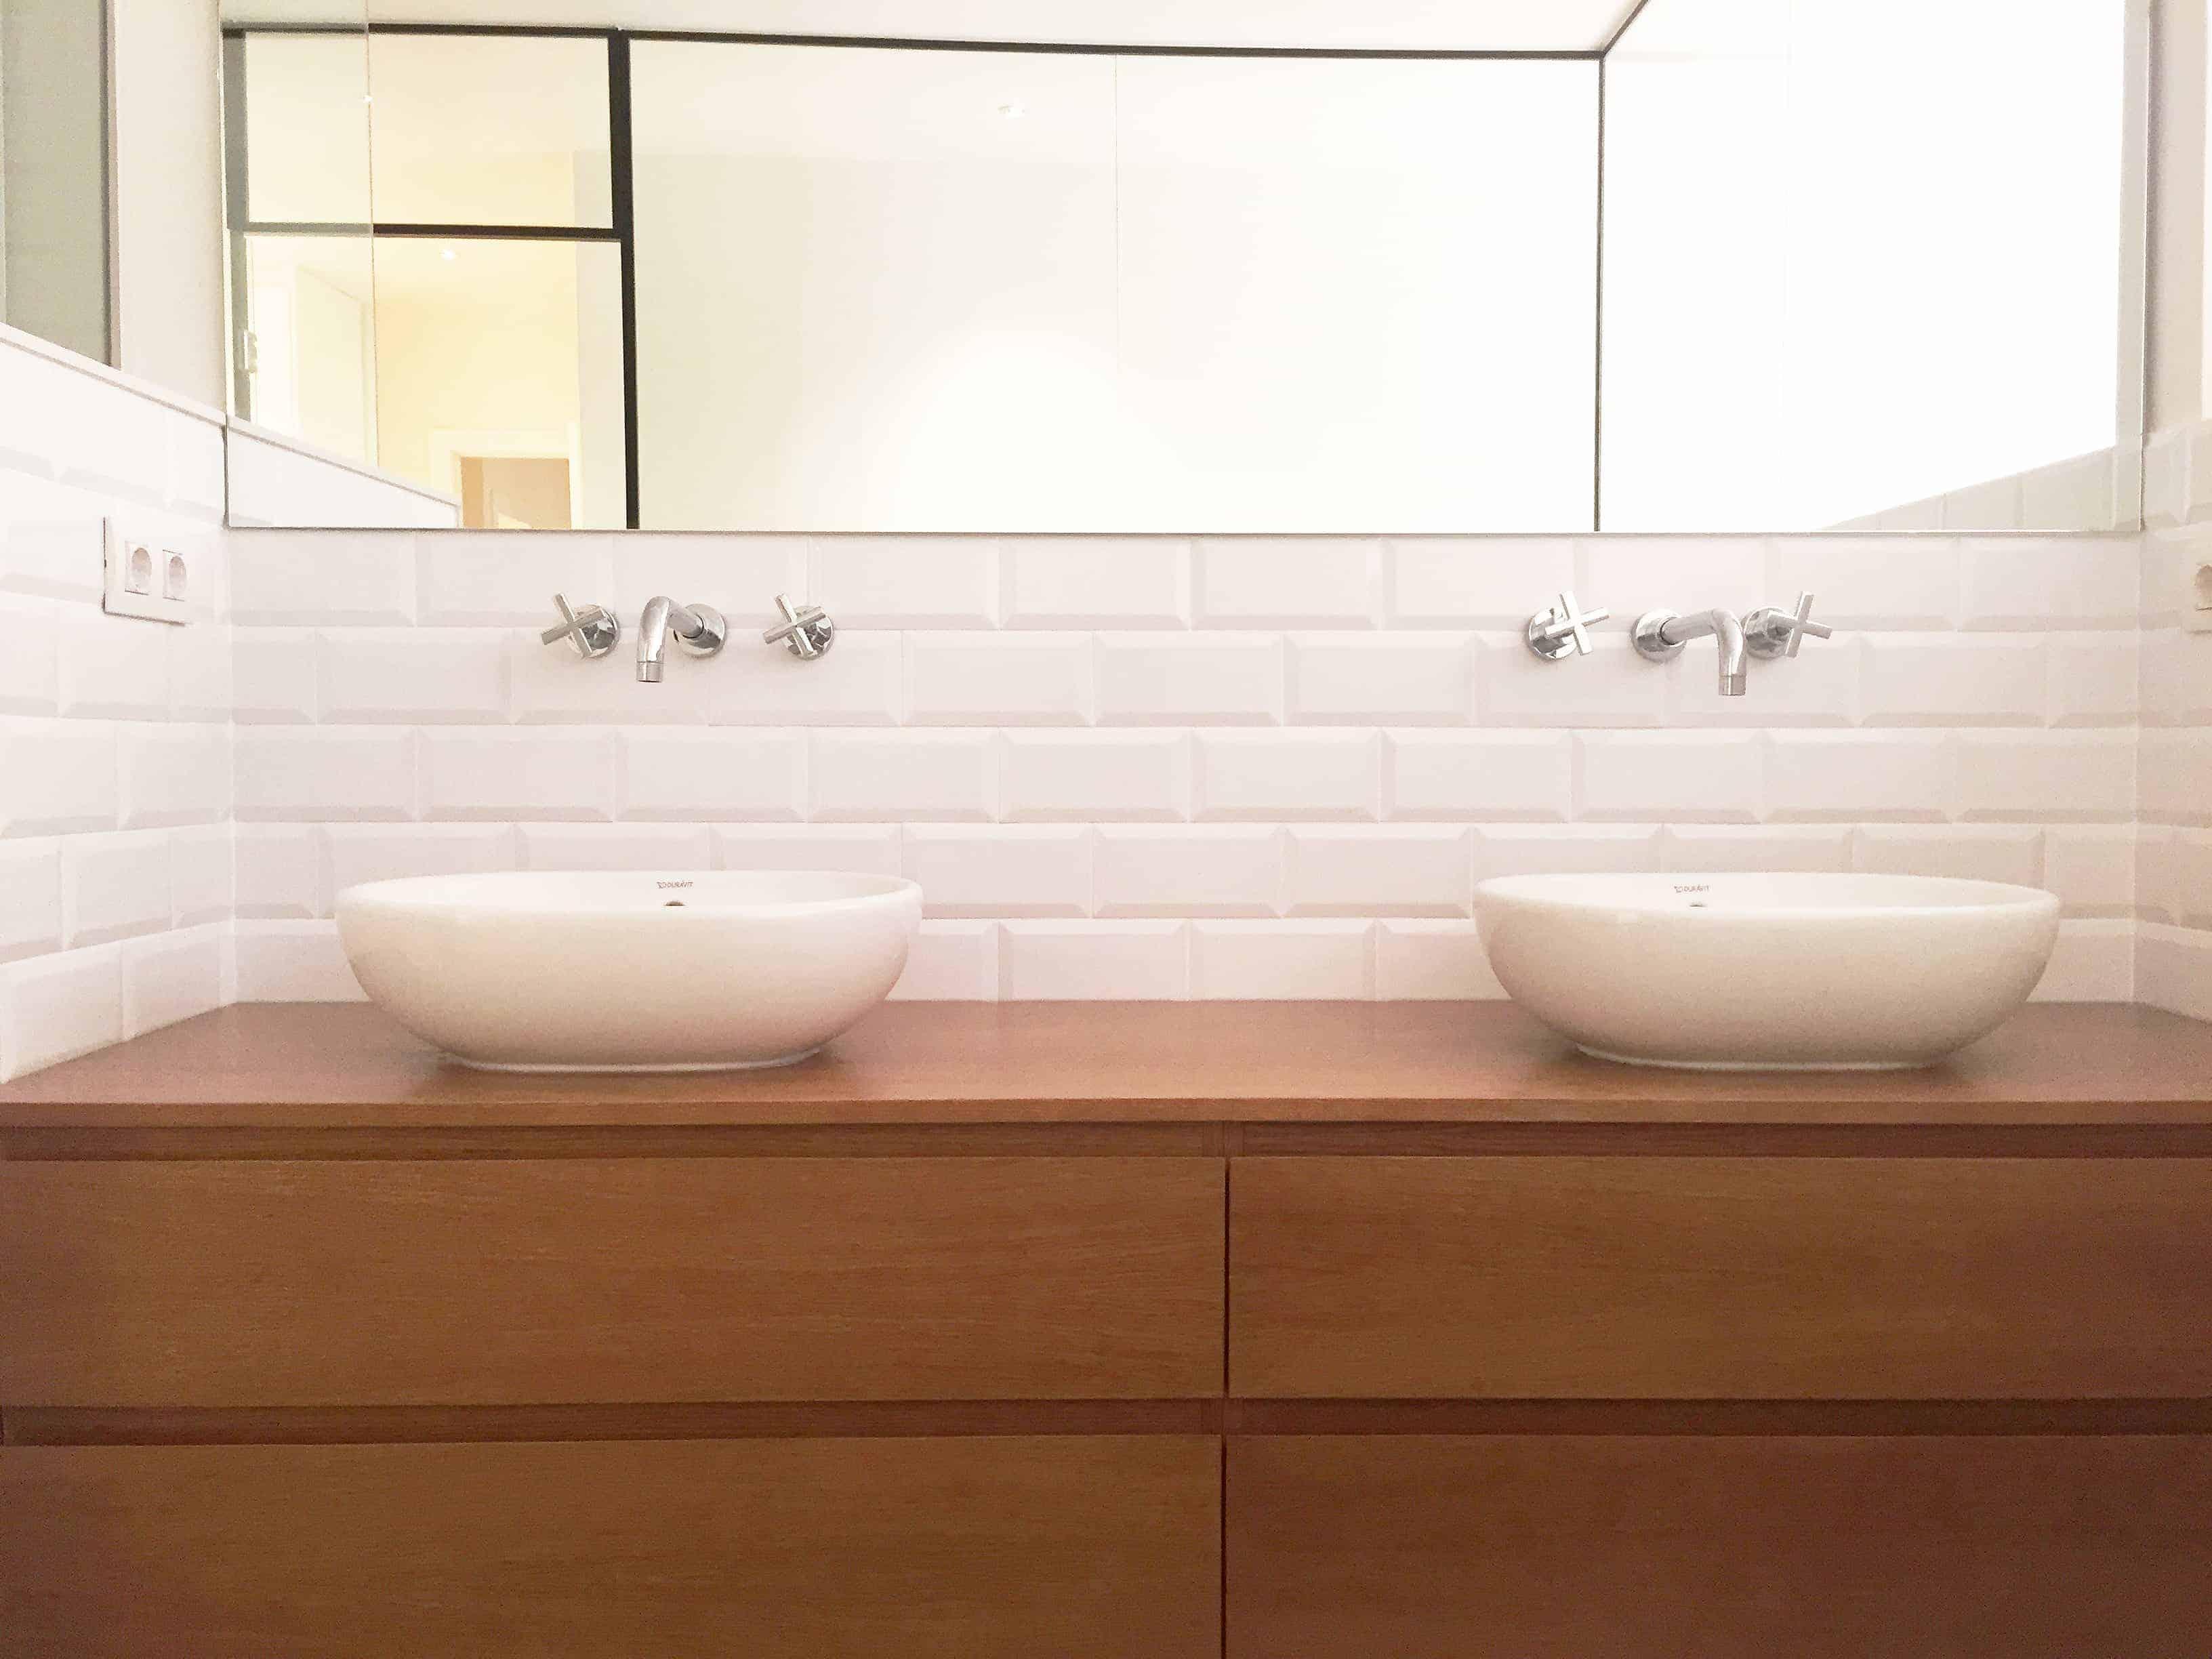 lavamanos de madera rector ubach contract solutions